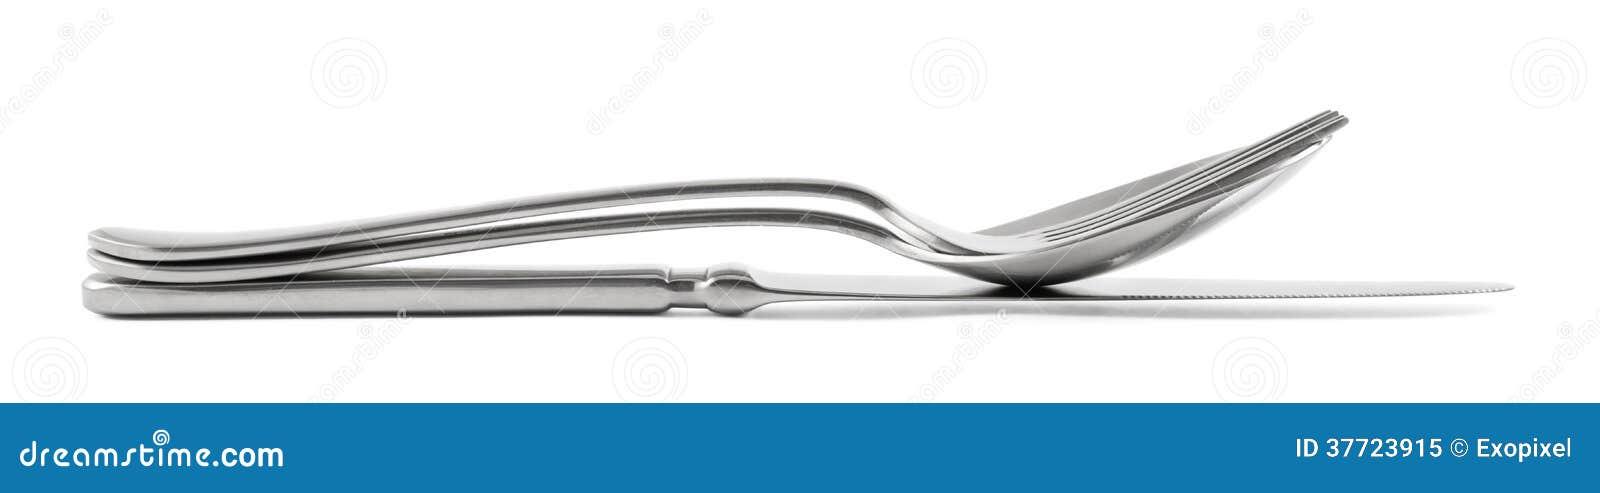 Pile de fourchette, de cuillère et de couteau